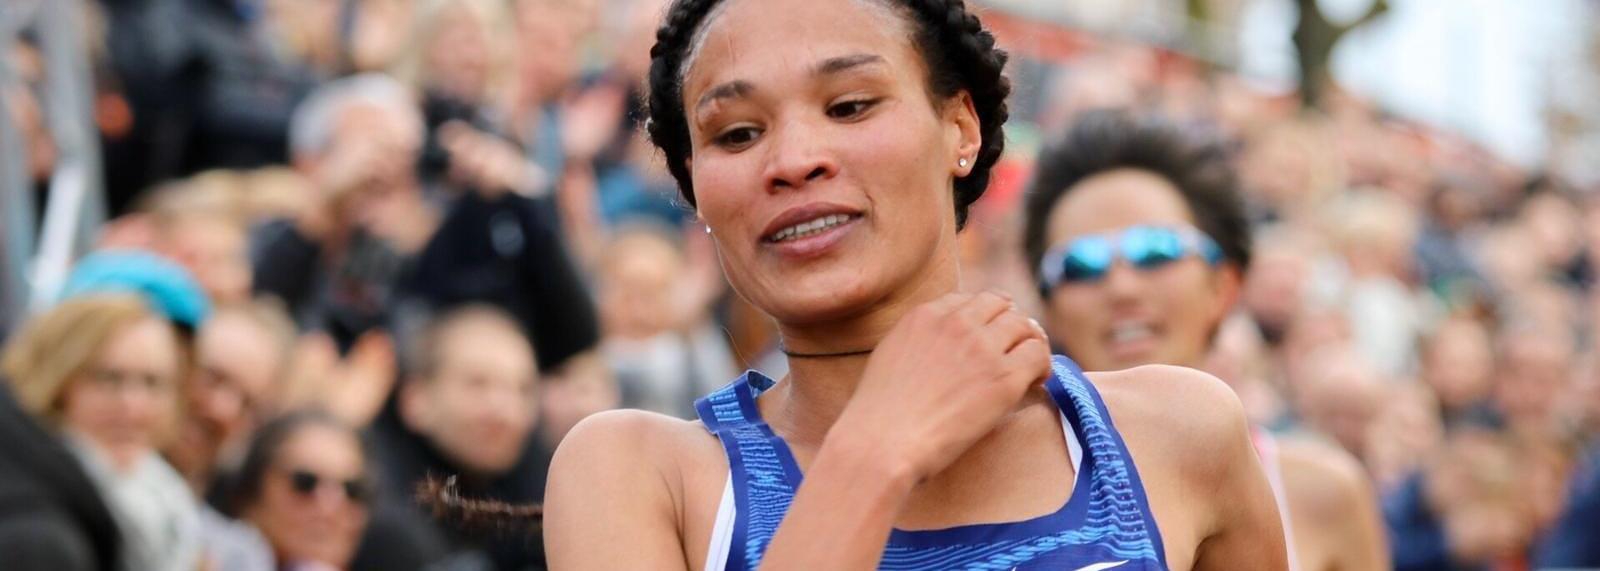 Weekend road round-up: Gidey smashes 15km world best in Nijmegen